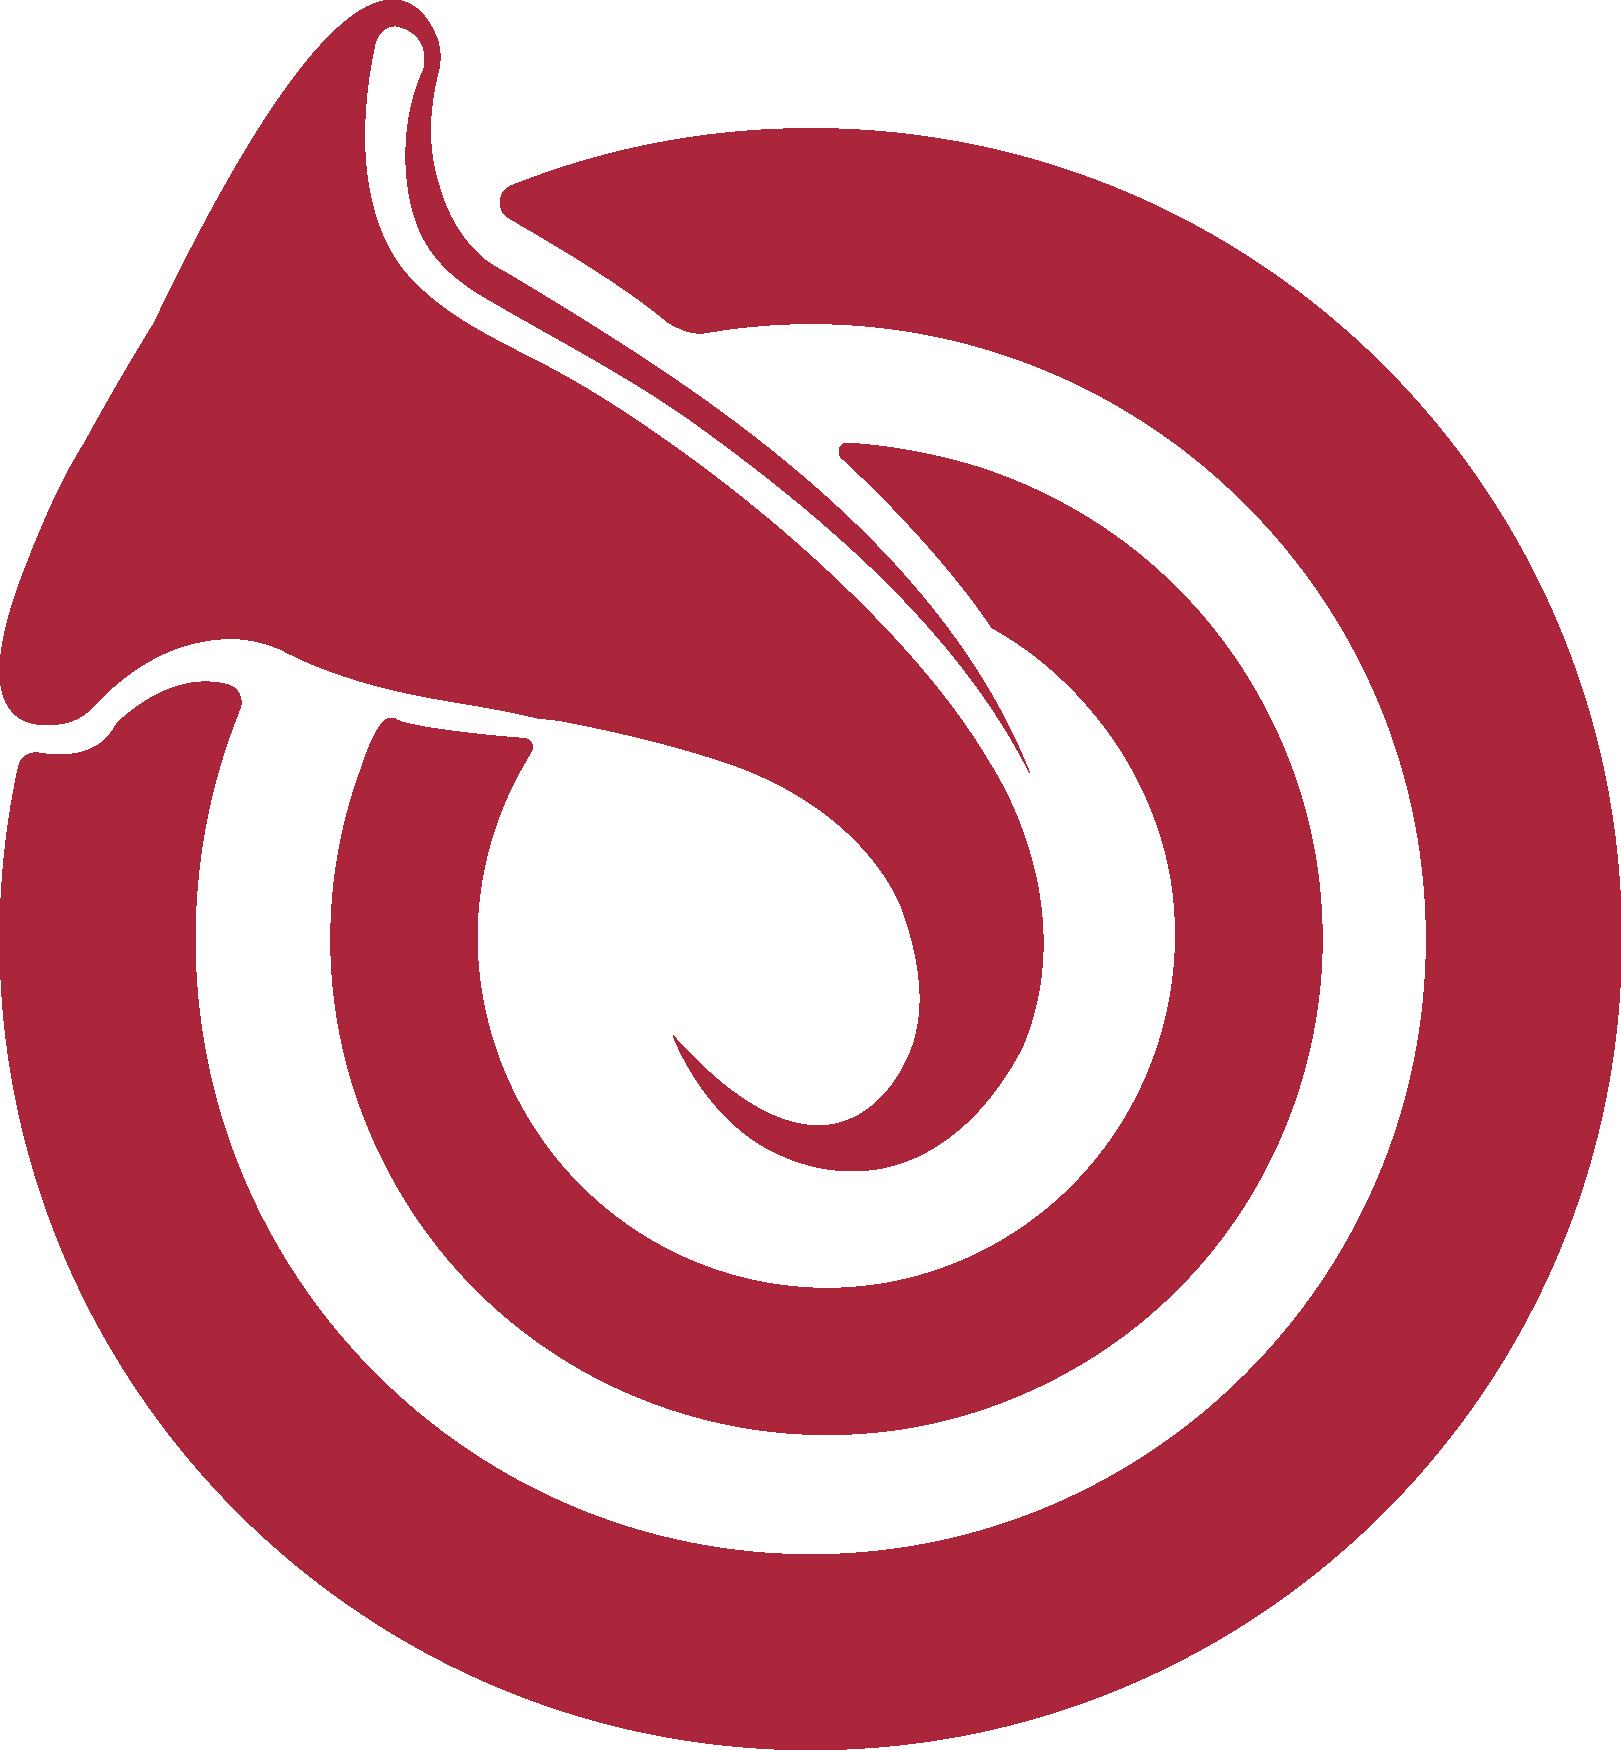 logo logo 标志 设计 矢量 矢量图 素材 图标 1621_1750